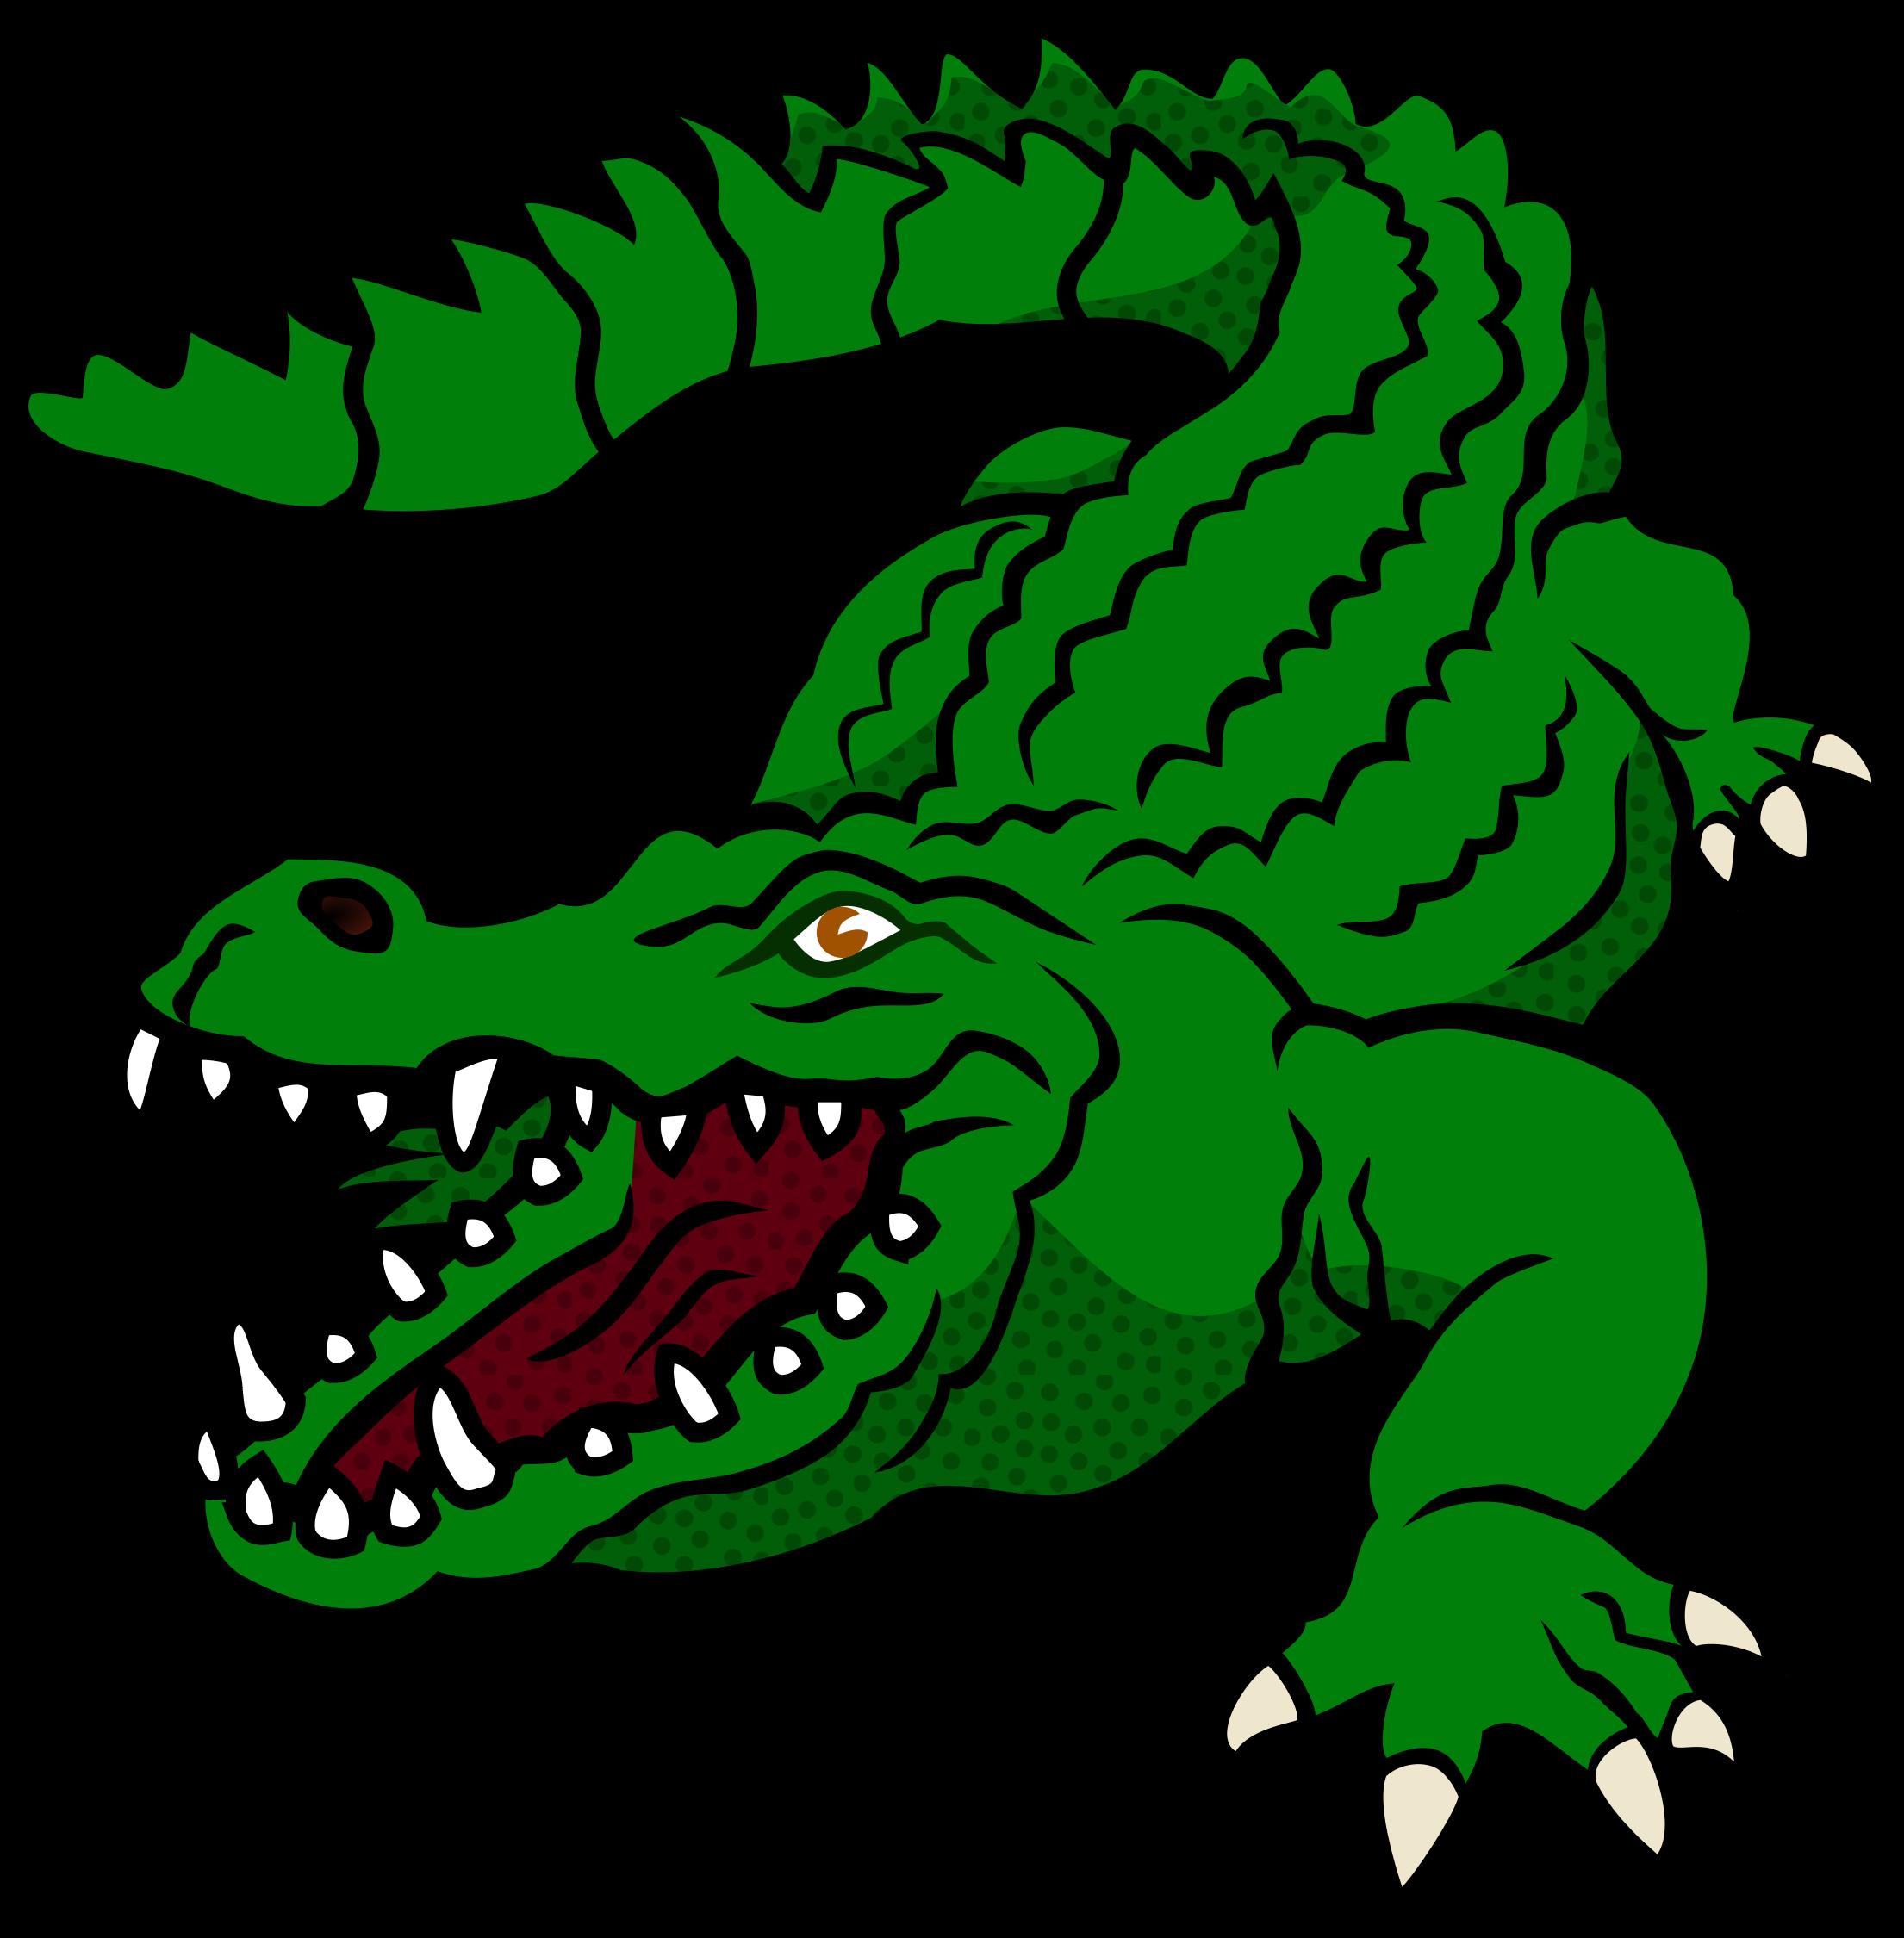 Cilpart attractive design ideas. Crocodile clipart gambar